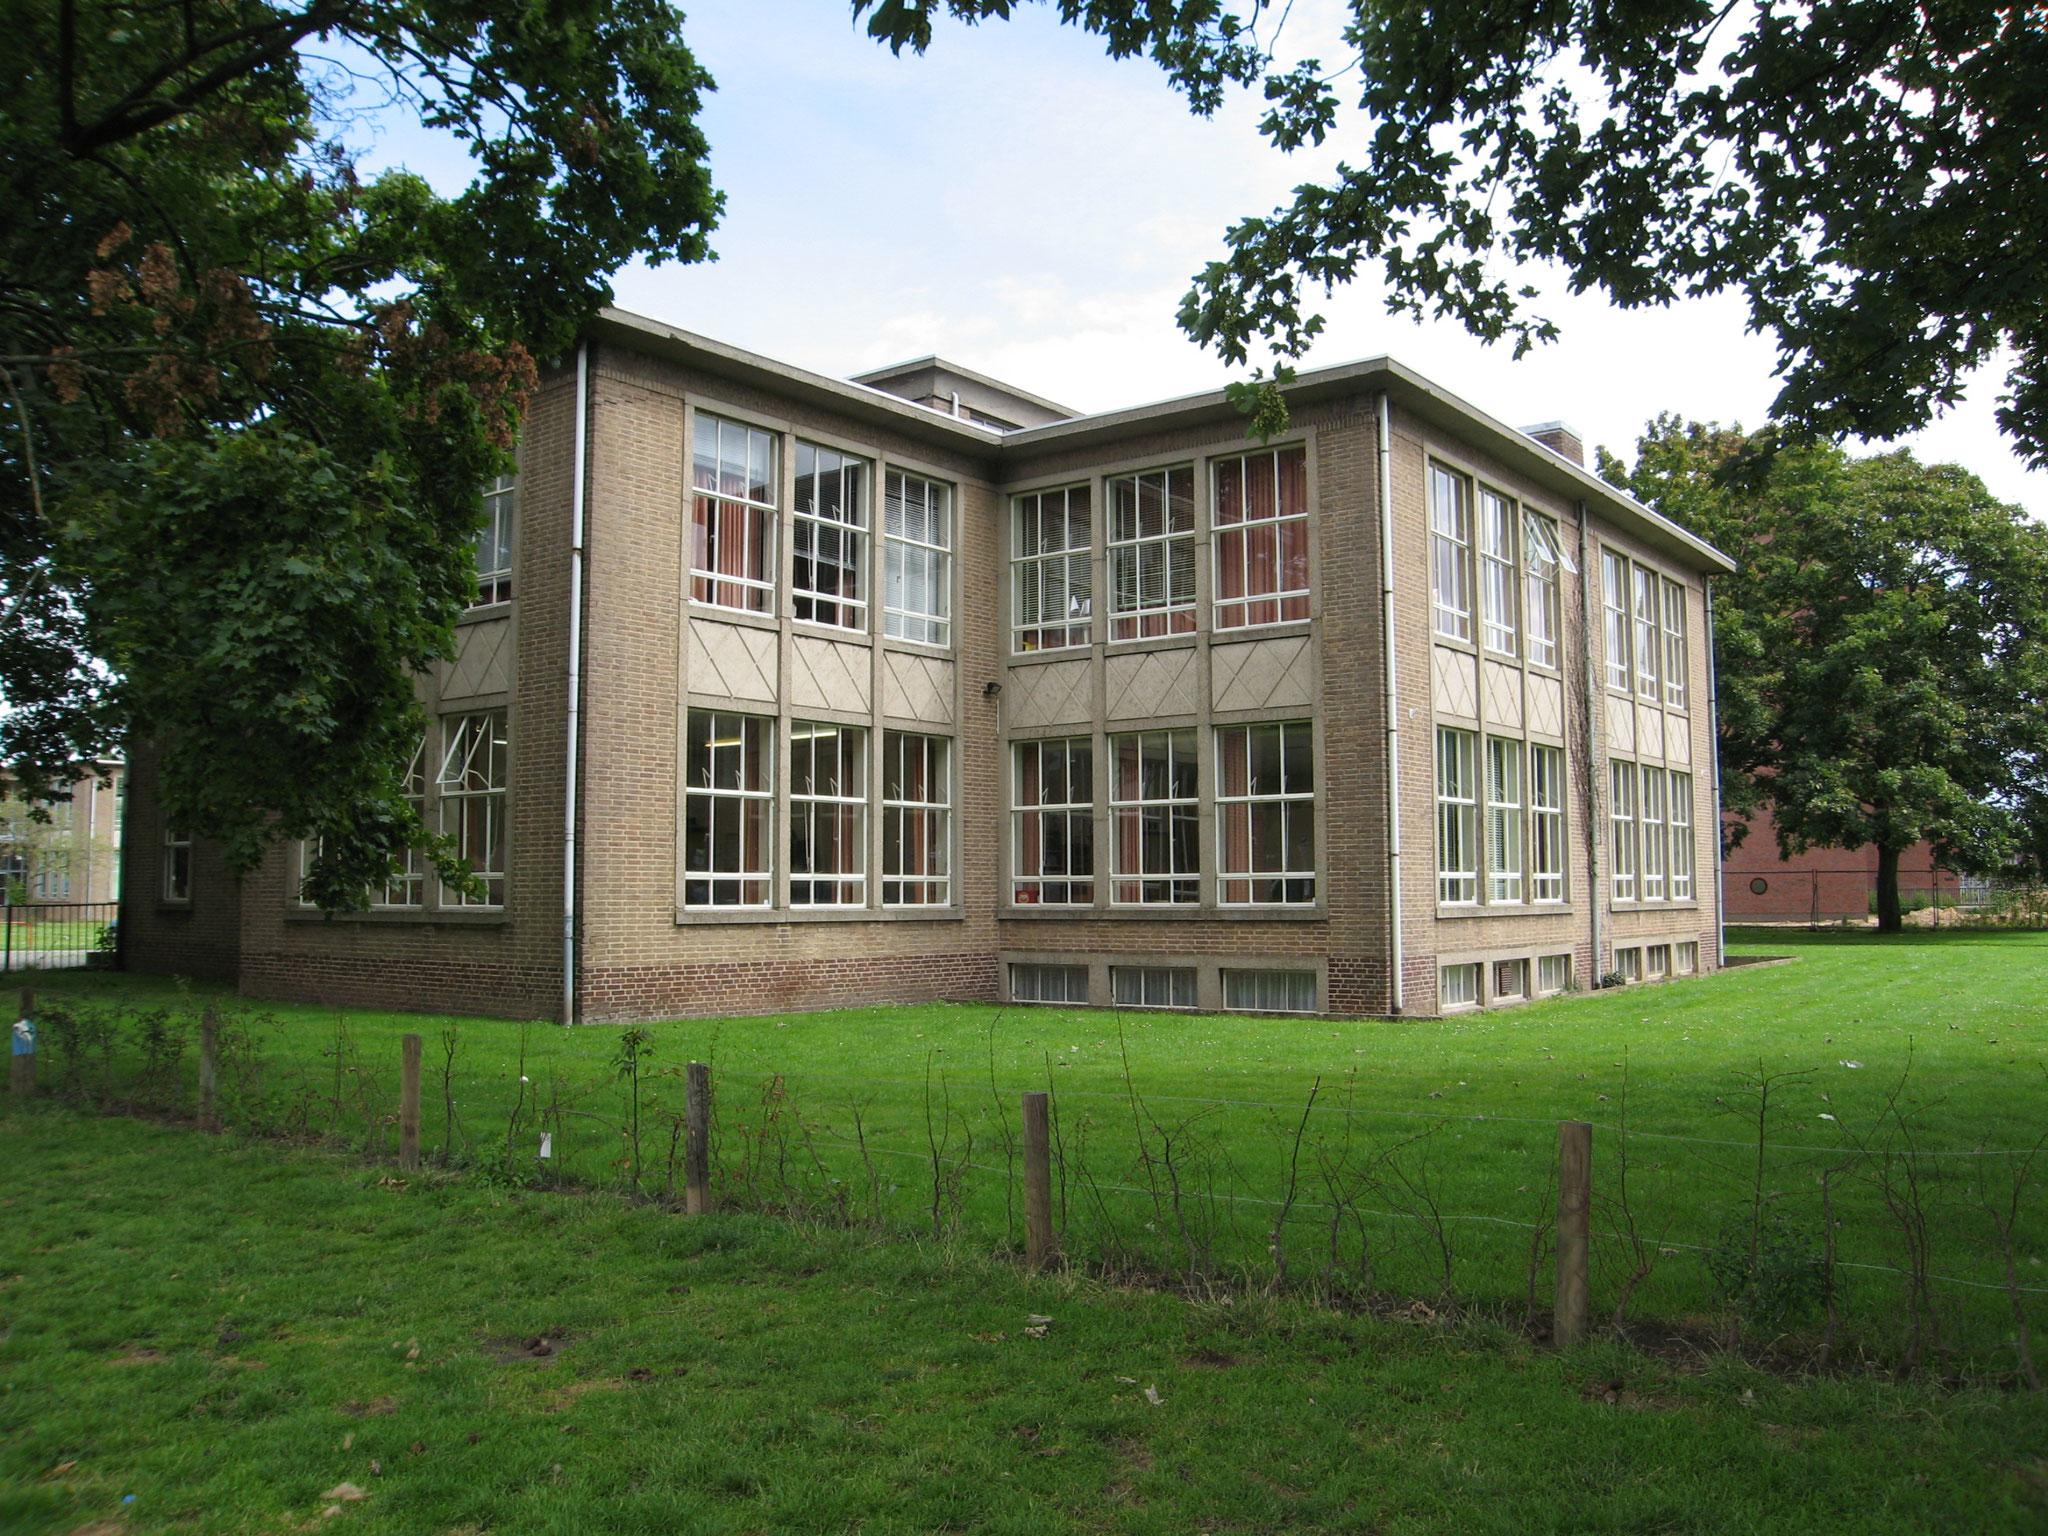 Schoolgebouw uit de wederopbouwperiode aan de Javastraat.